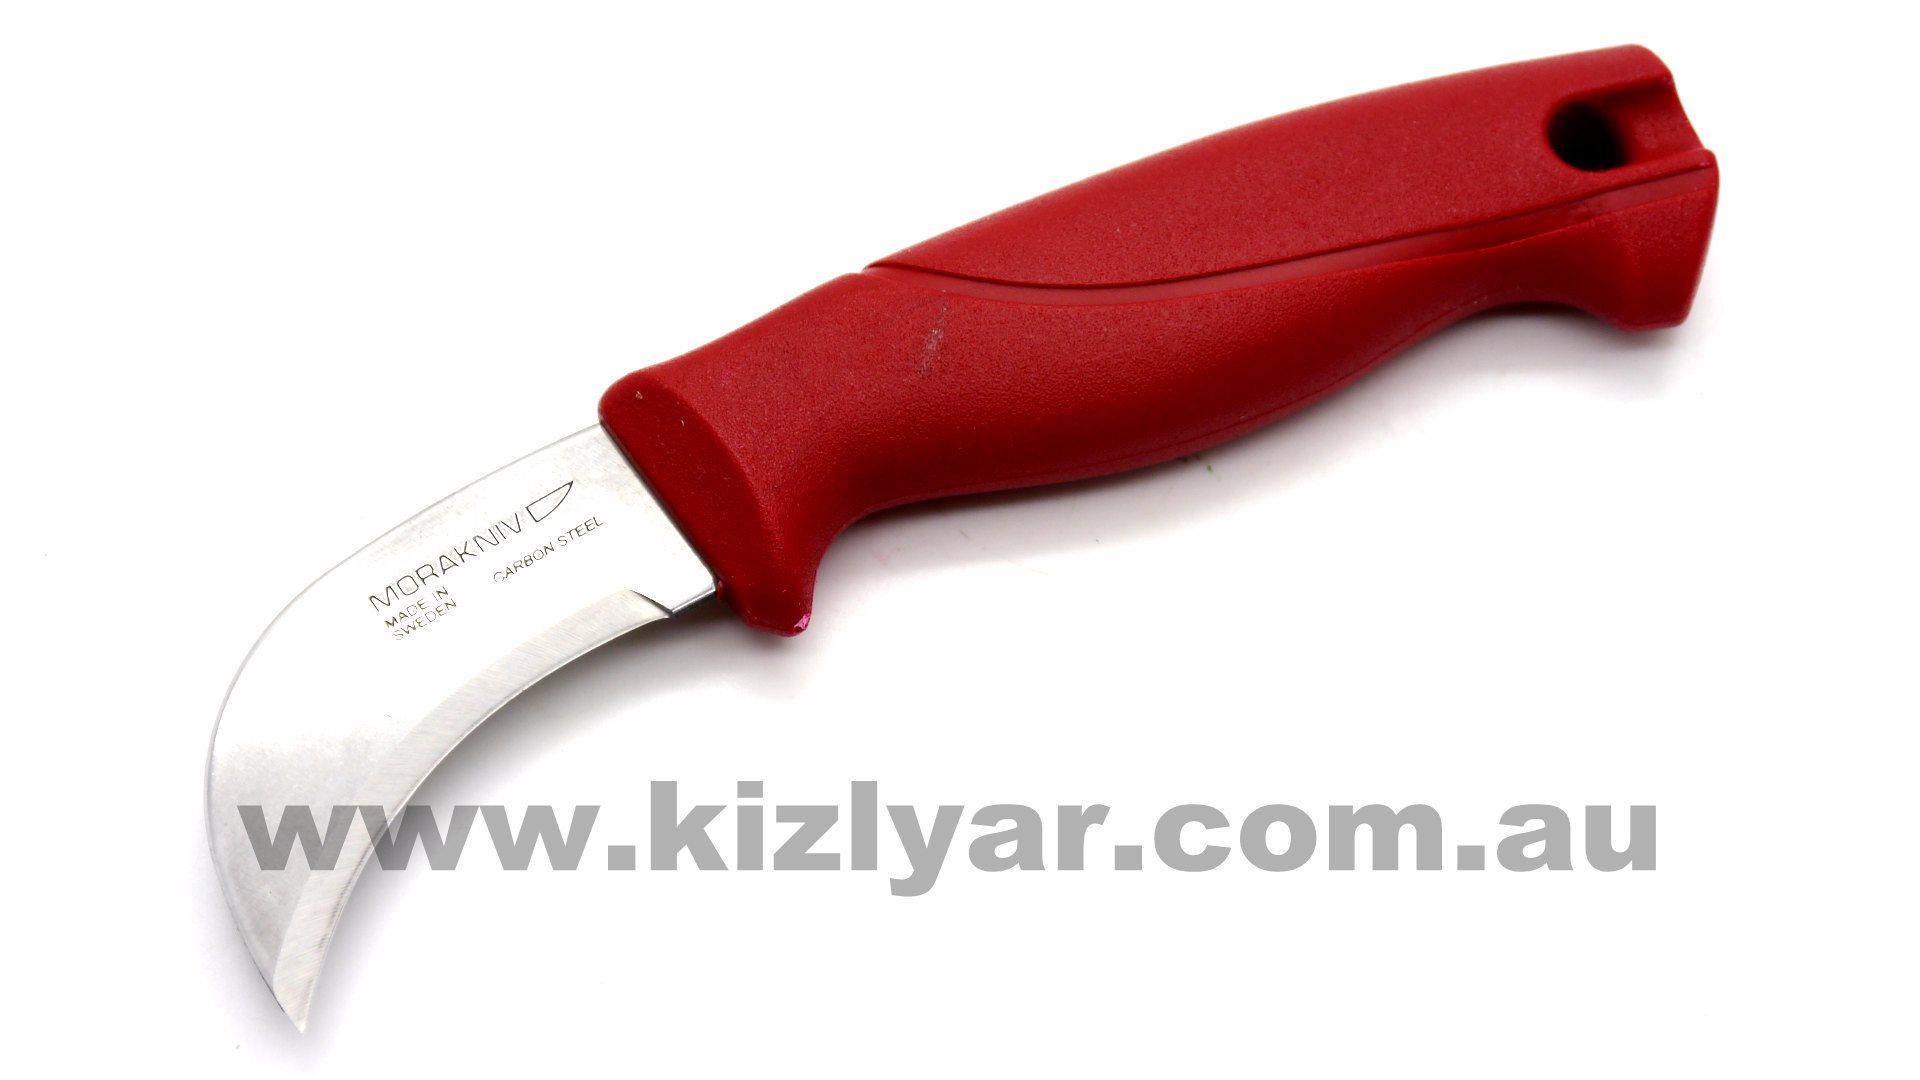 Morakniv Craftsmen 175P Carpet /Roofing Felt Knife